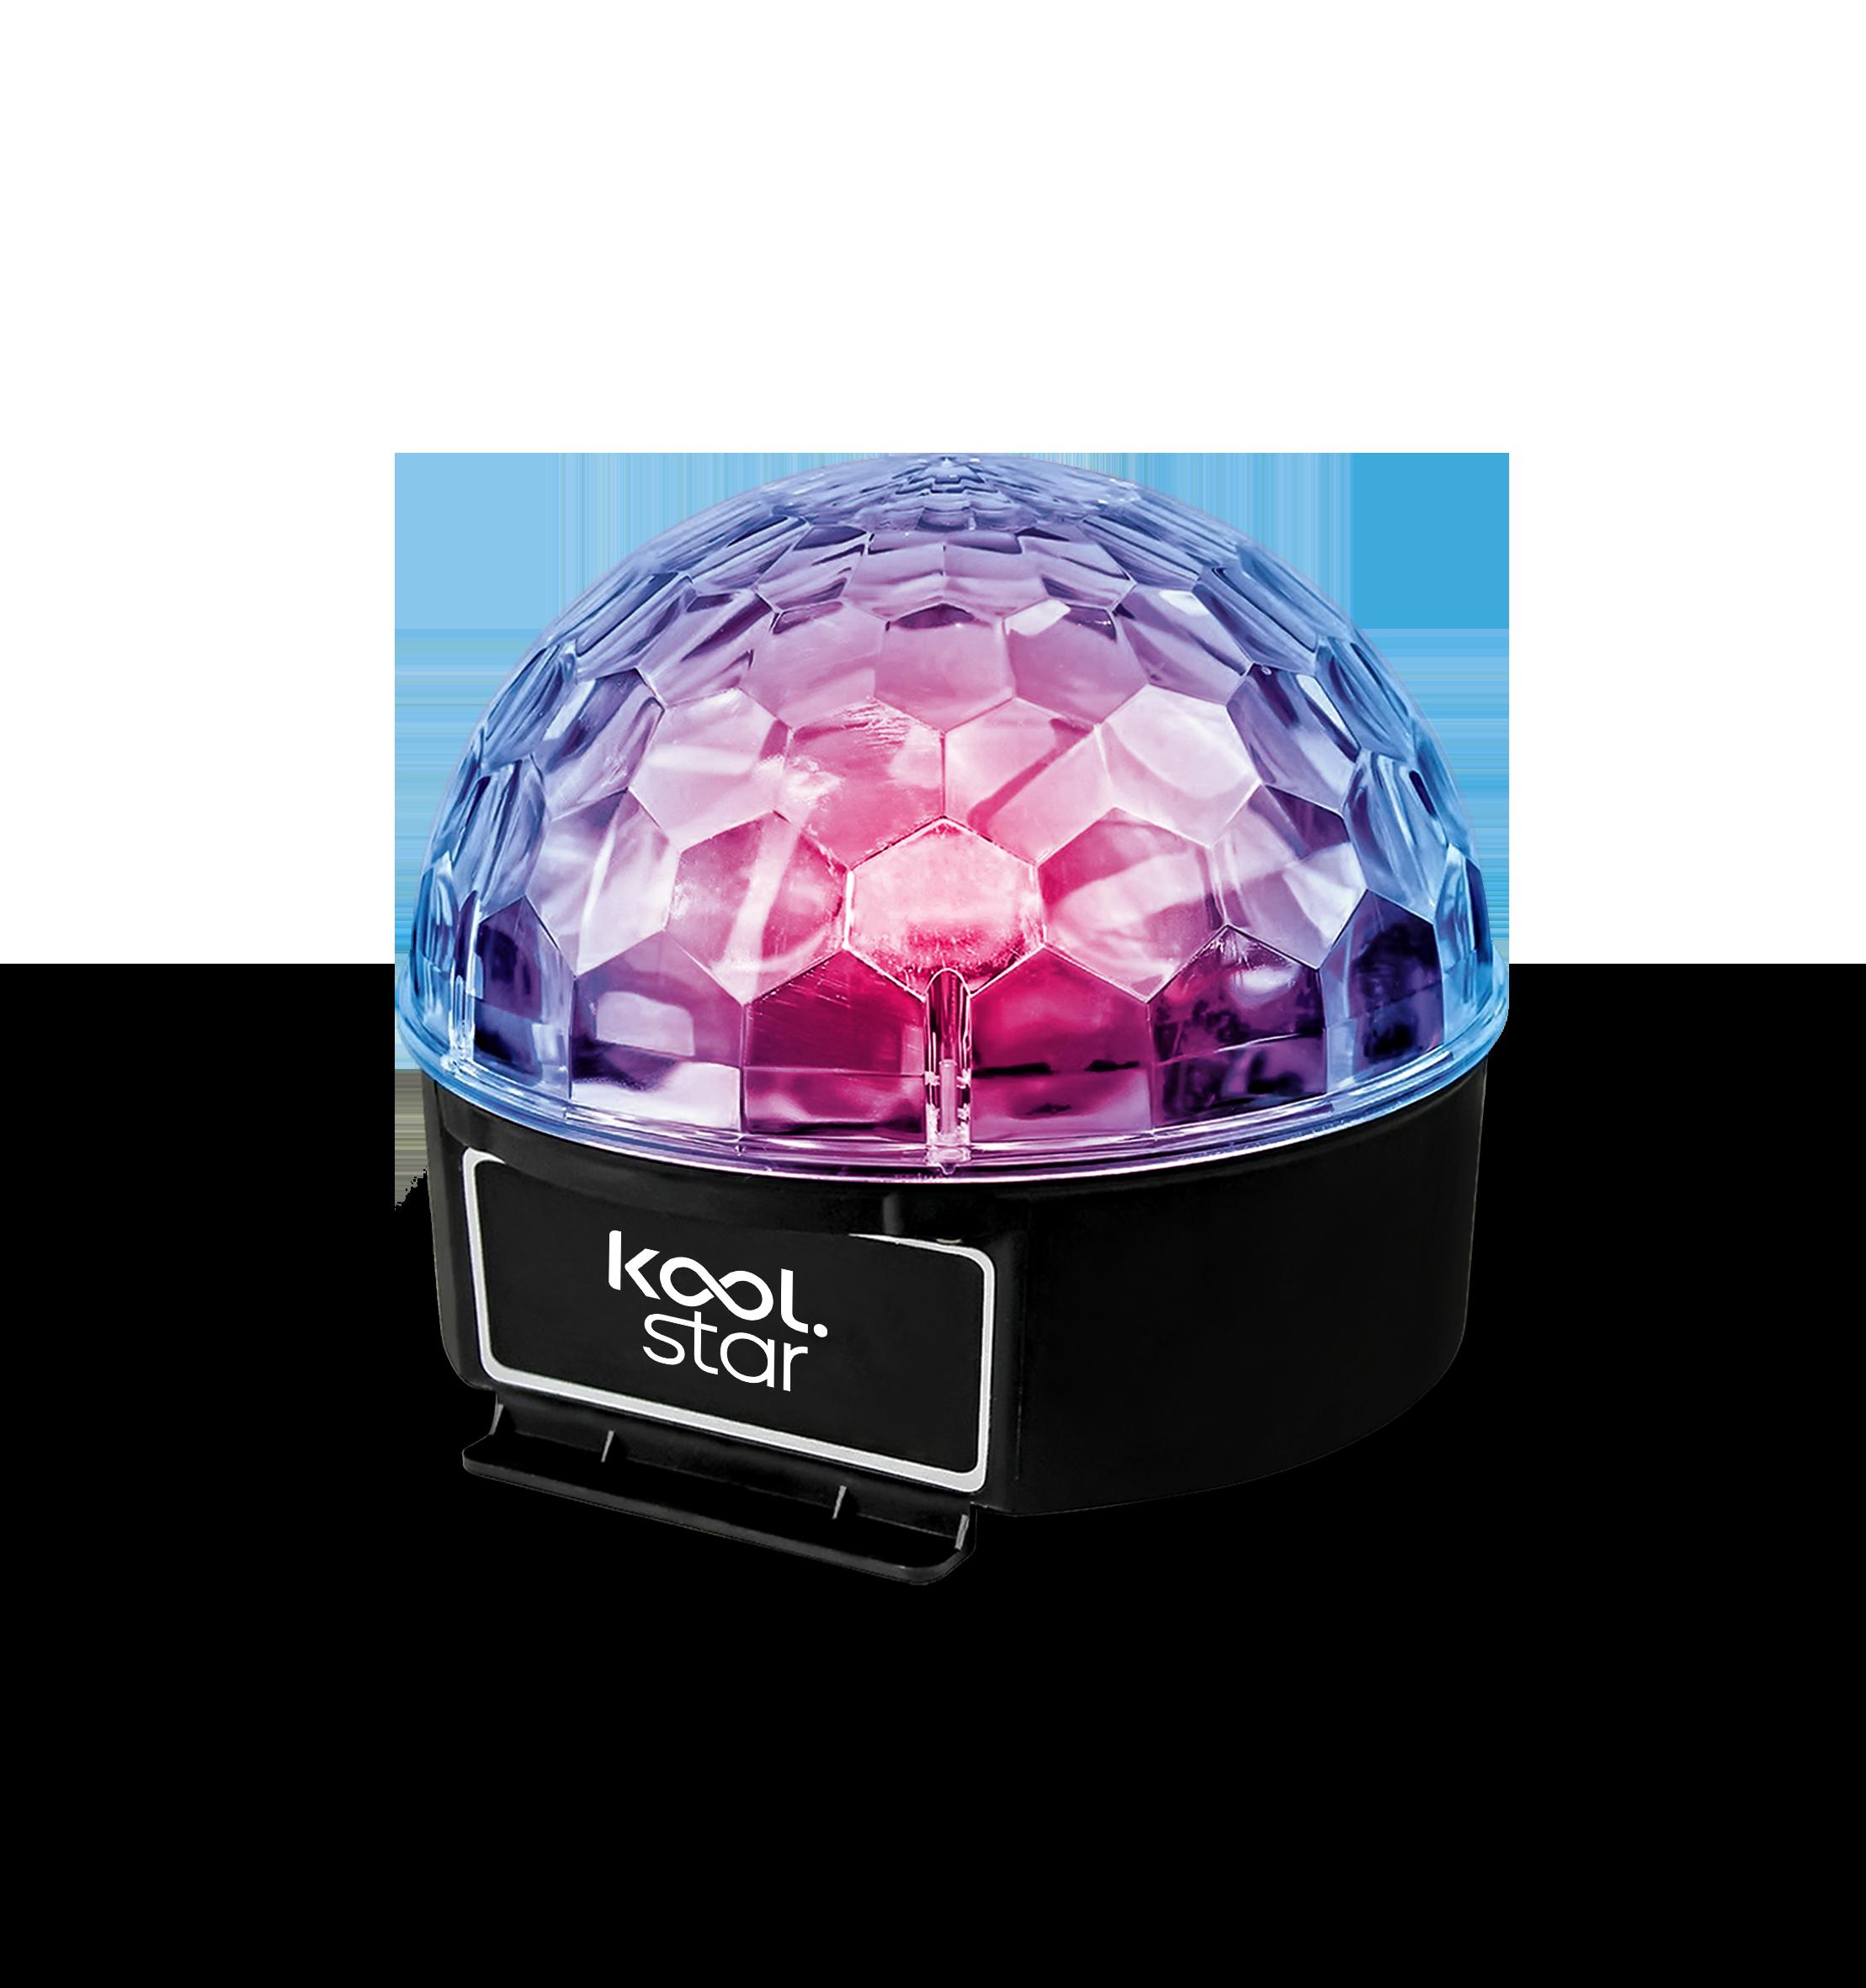 KOOLSTAR Jeux de lumière Ball 6 - 6 couleurs